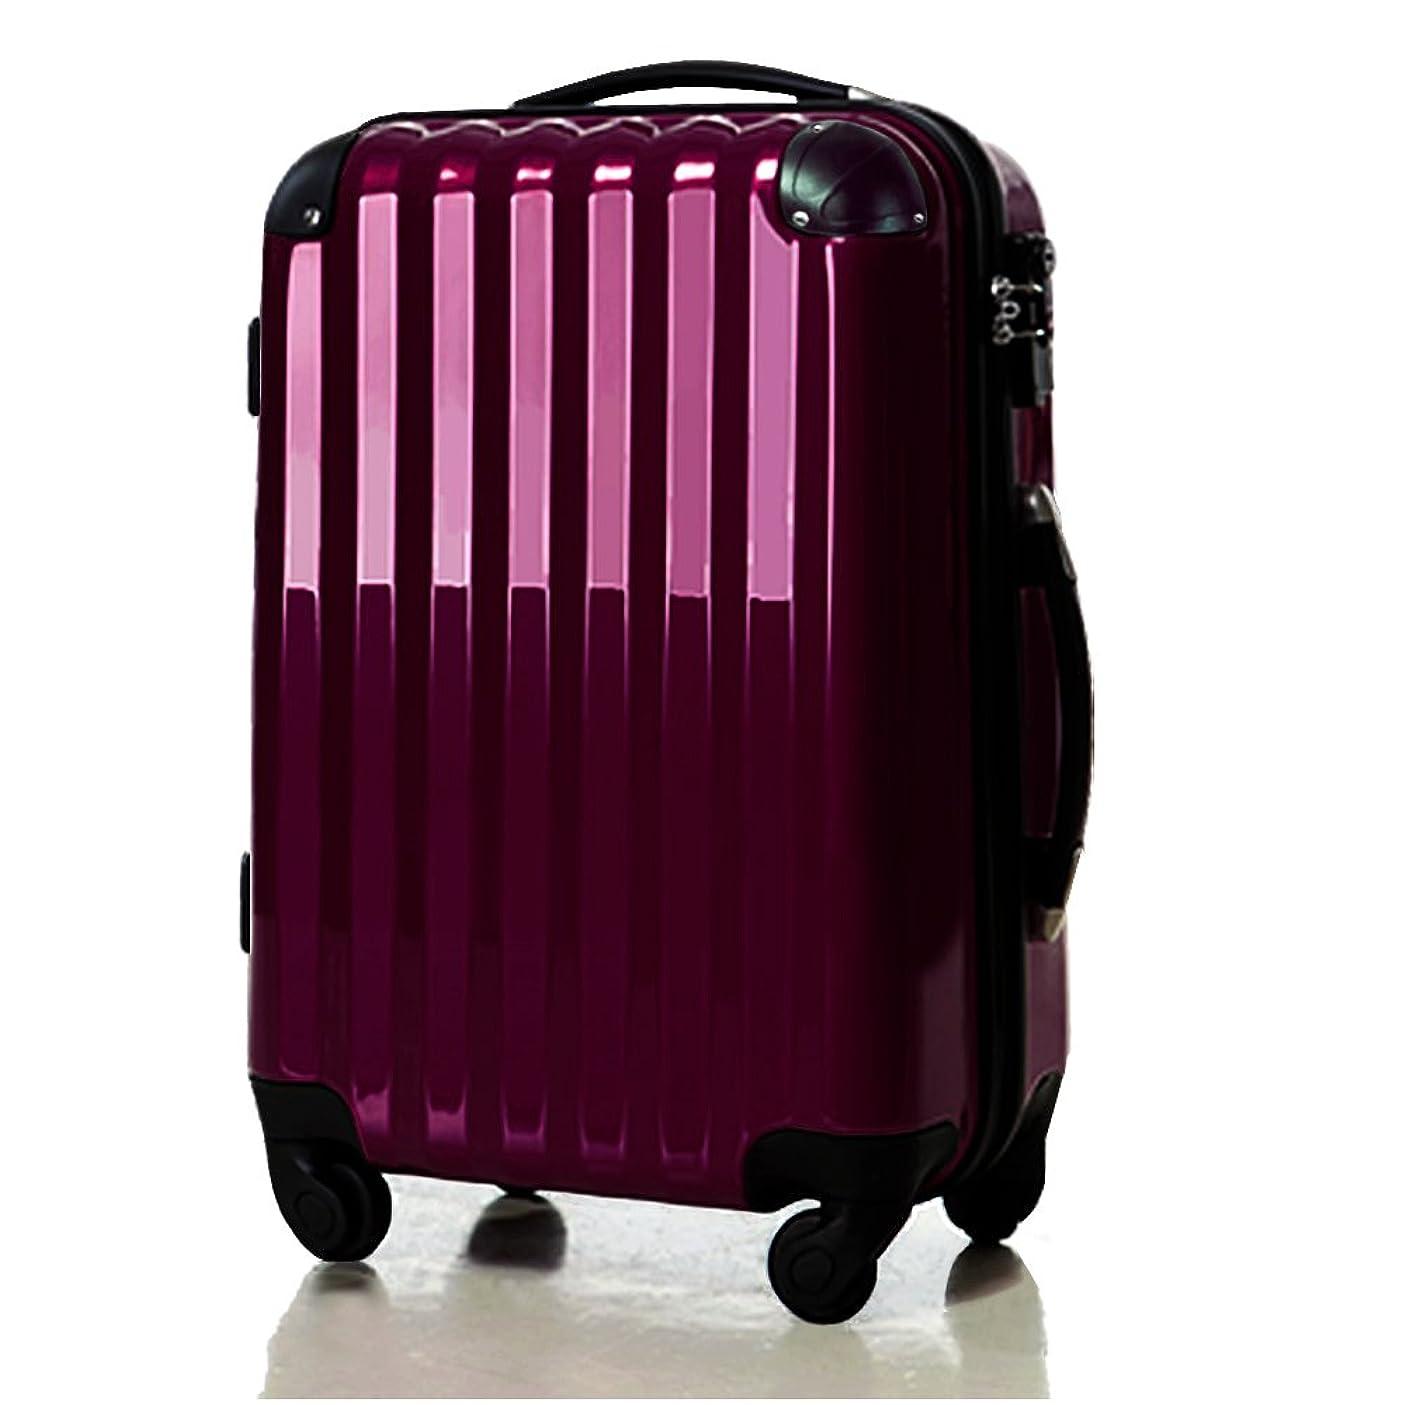 強調する持ってる放置スーツケース 機内持ち込み可?超軽量?小型?Sサイズ?TSAロック搭載 ? 旅行かばん?キャリーバック?激安 6202